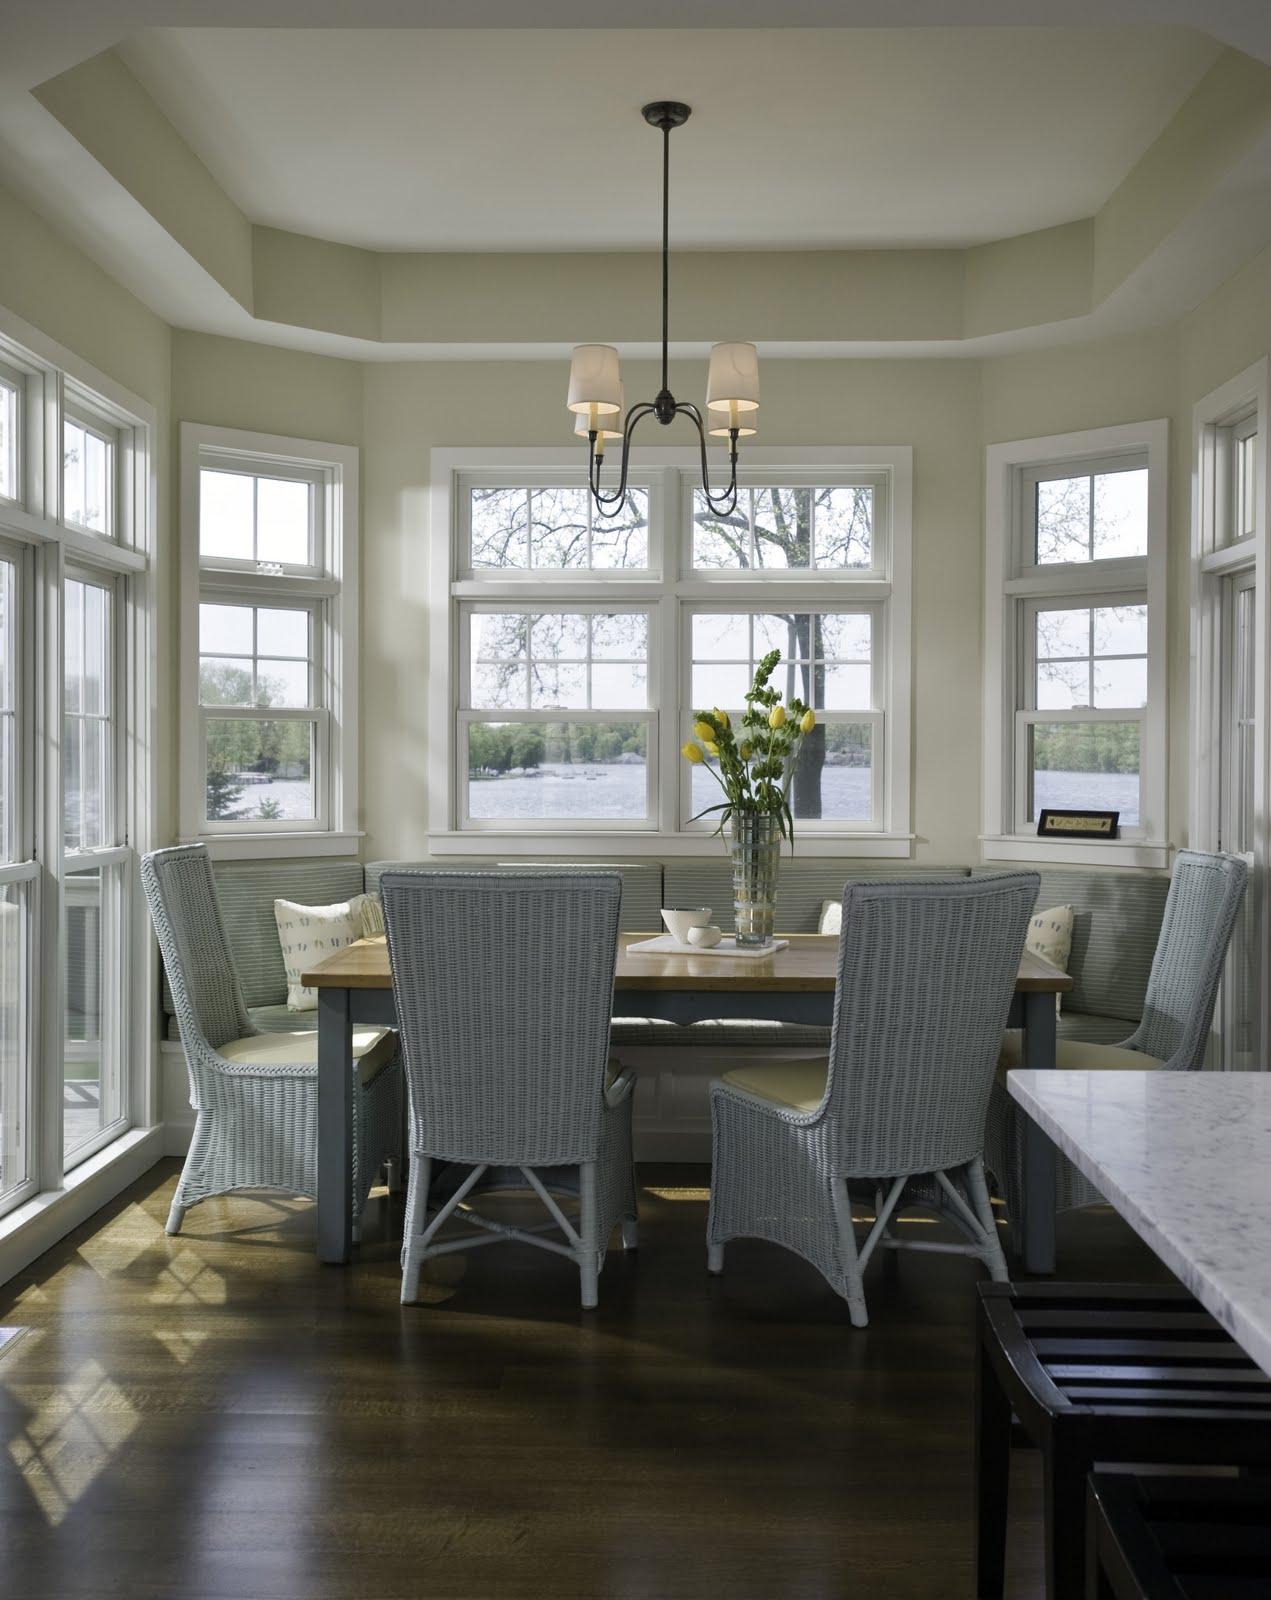 kitchen designs architectural trends interior design part 12